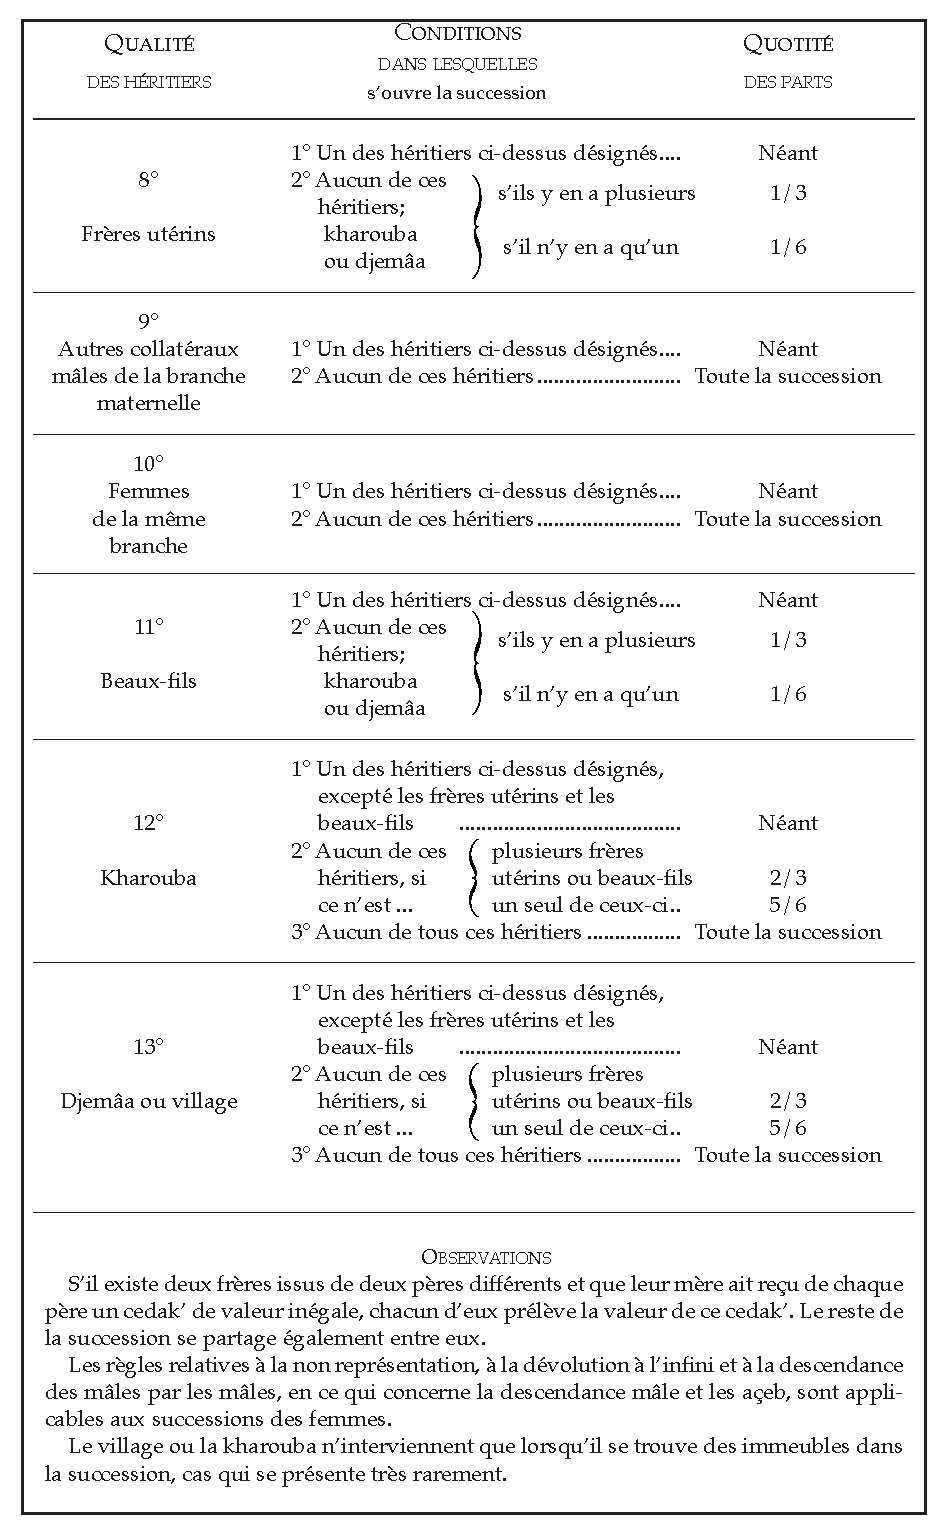 Rencontres Seiten Schweiz Vergleich